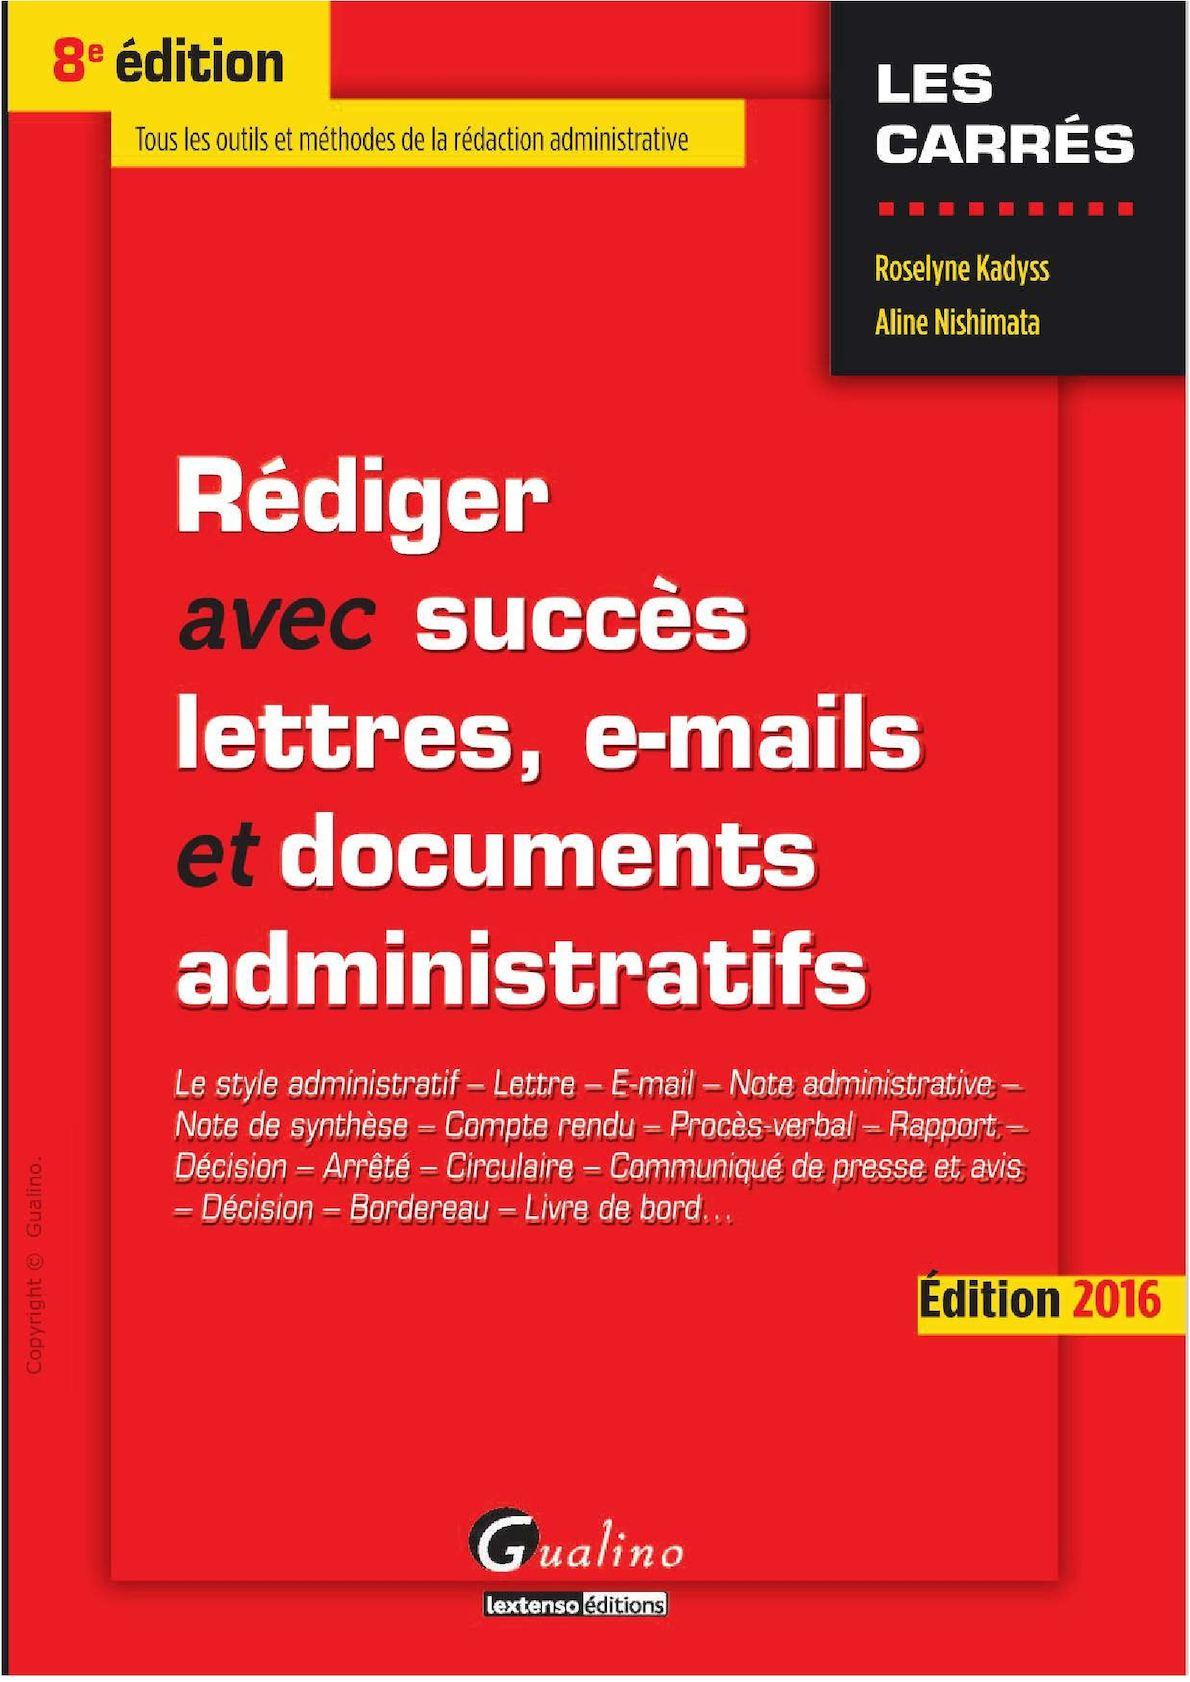 MMS - Rédiger Avec Succès Lettres, E Mail Et Documents Administratifs  Gualino 2016